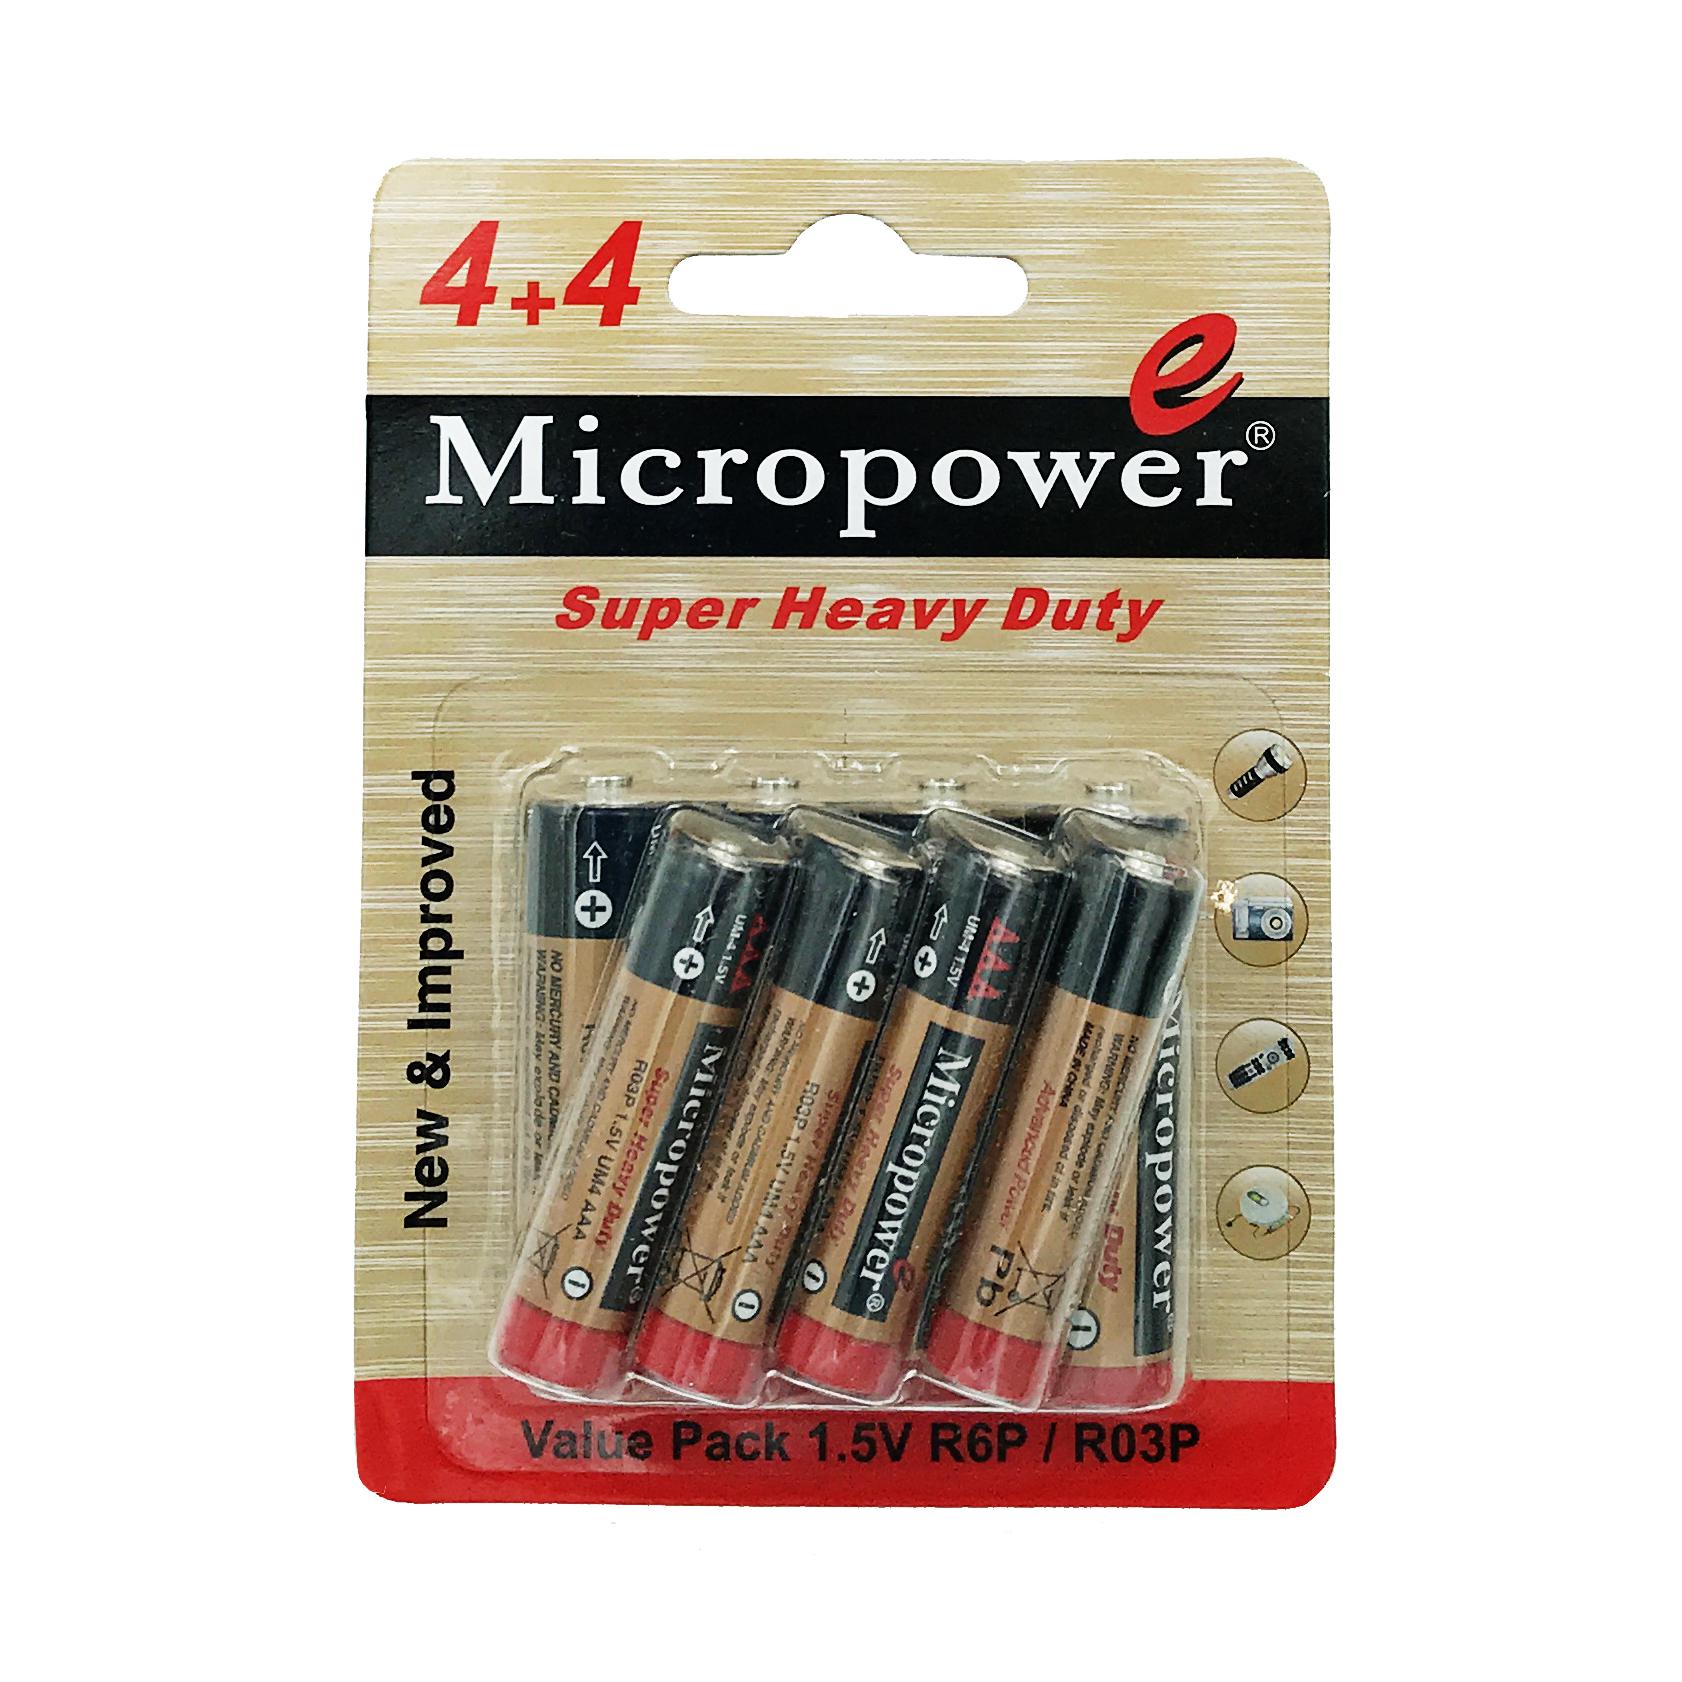 بررسی و {خرید با تخفیف}                                     باتری قلمی و نیم قلمی میکروپاور مدل 4R64R03 مجموعه 8 عددی                             اصل